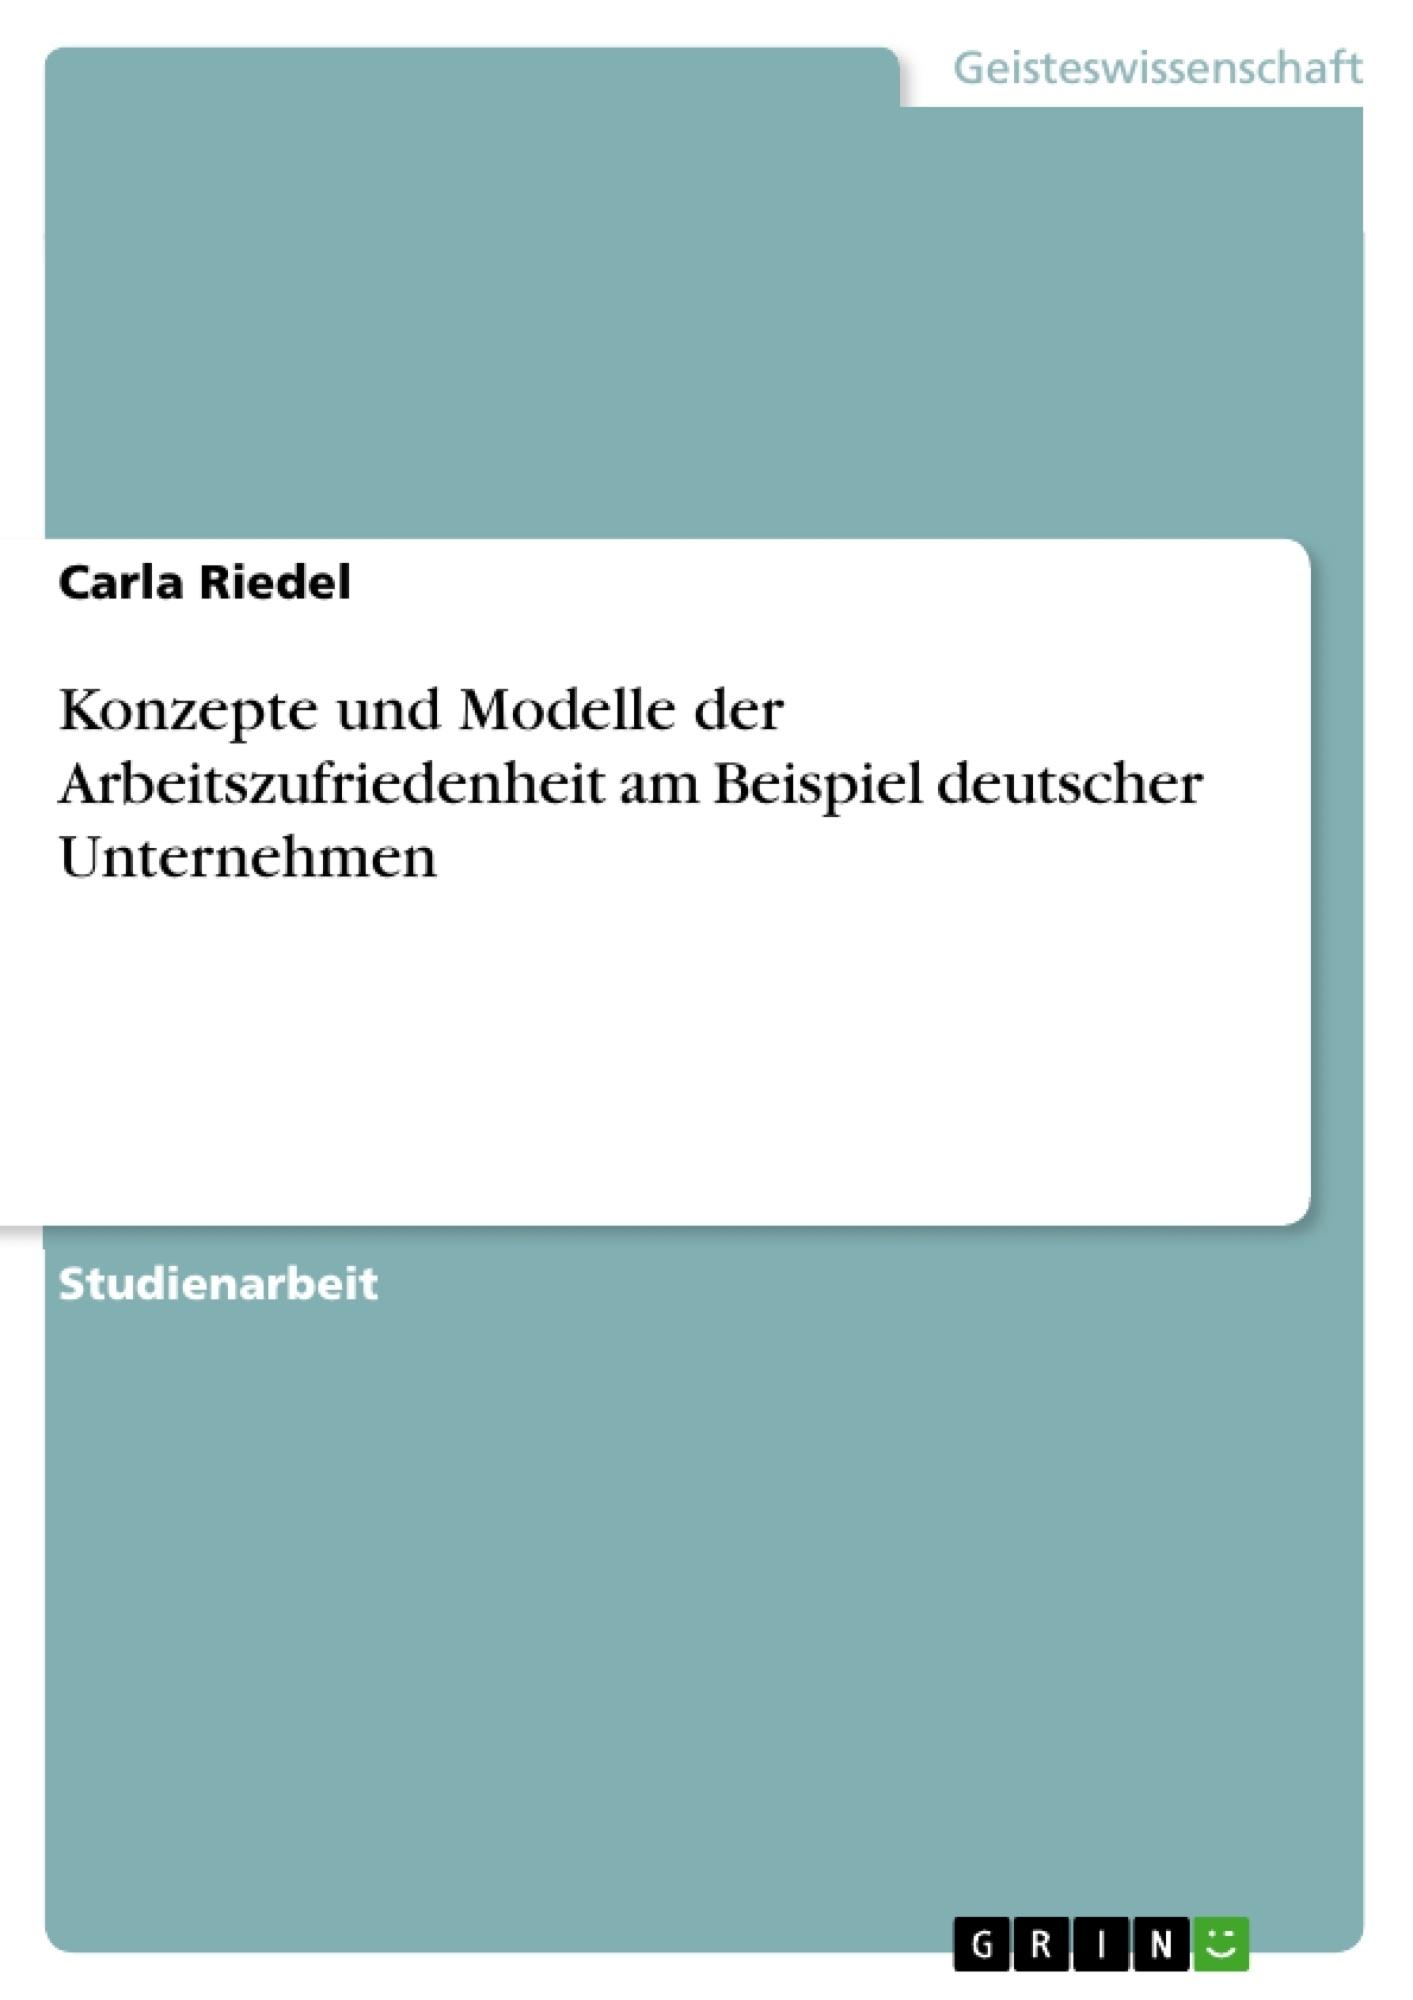 Titel: Konzepte und Modelle der Arbeitszufriedenheit am Beispiel deutscher Unternehmen